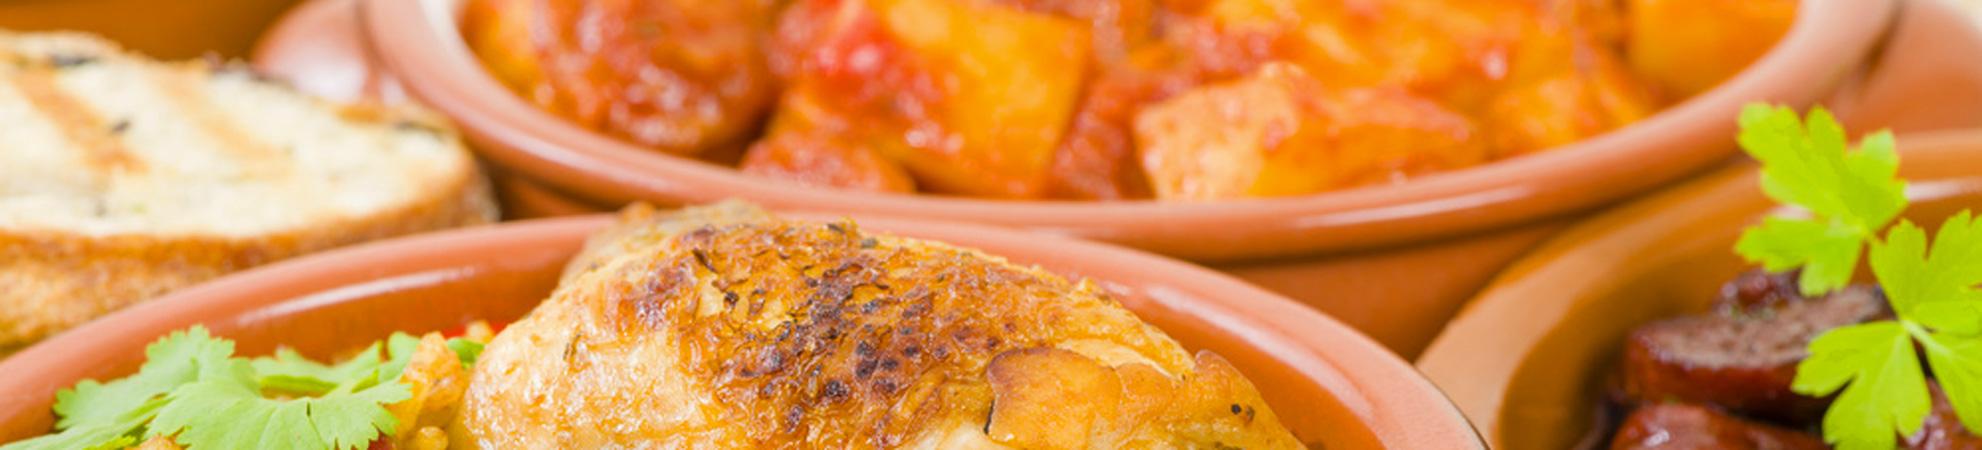 Les spécialités culinaires de Cuba